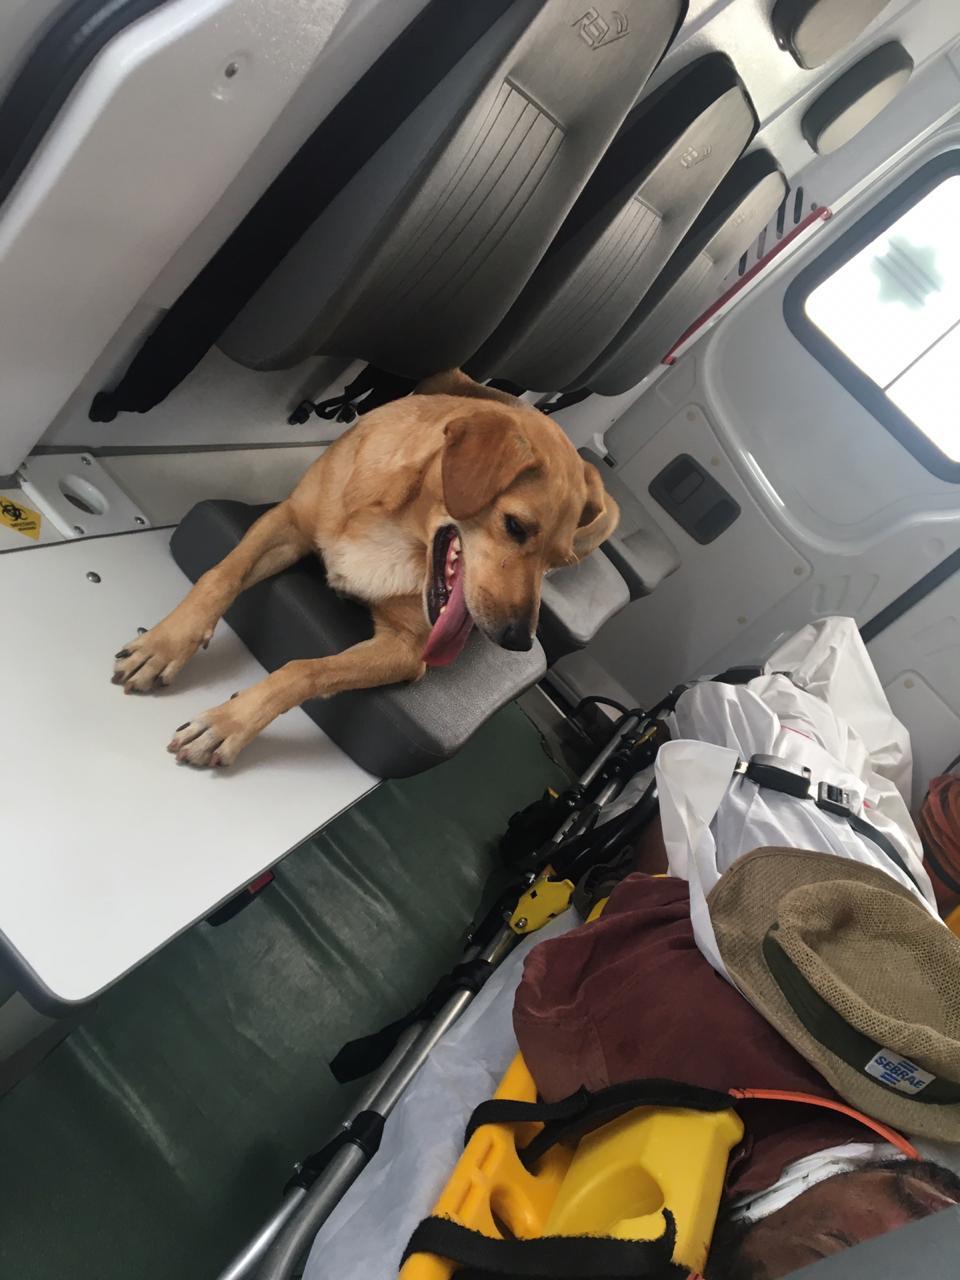 Cane accanto alla barella del proprietario